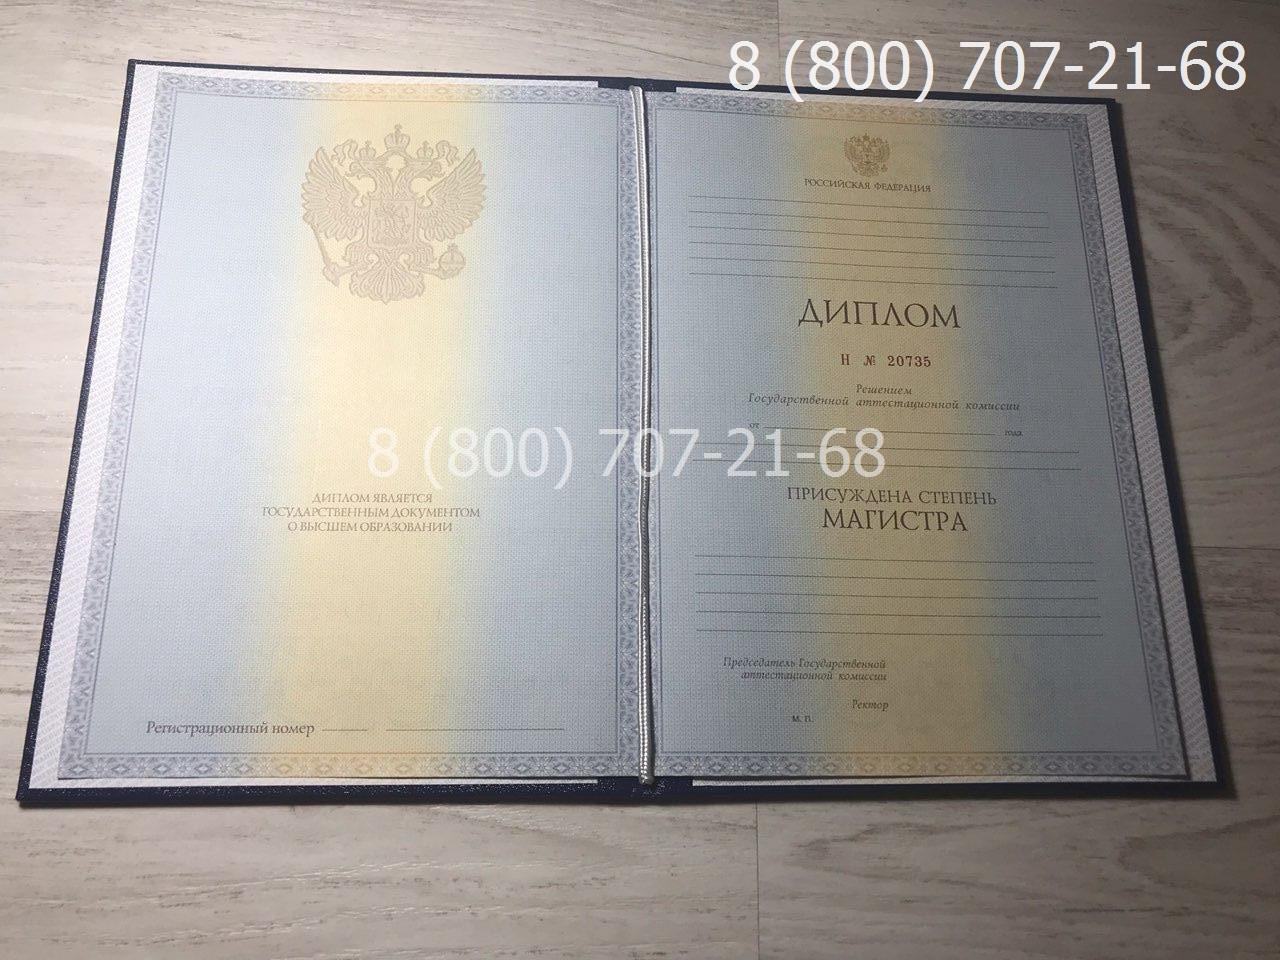 Диплом магистра 2011-2013 года 7